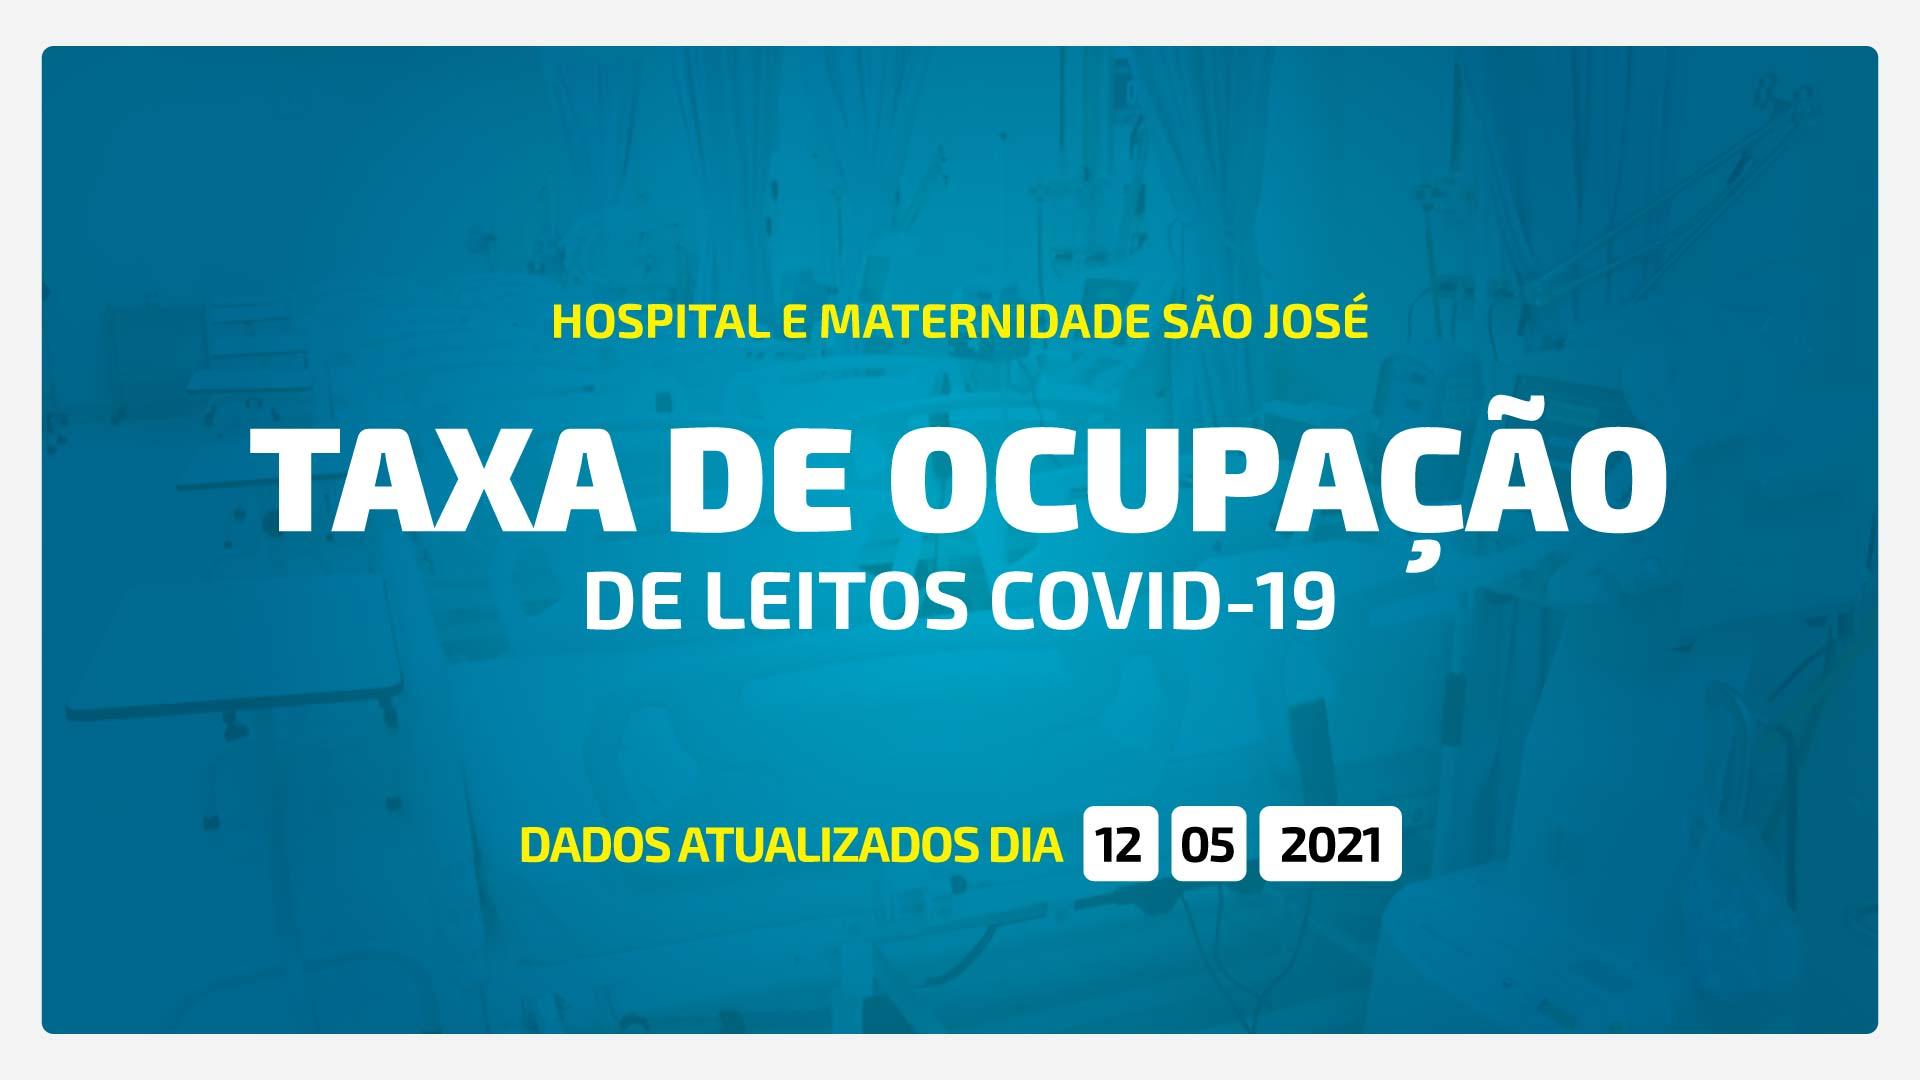 TAXA DE OCUPAÇÃO DE LEITOS DE COVID-19